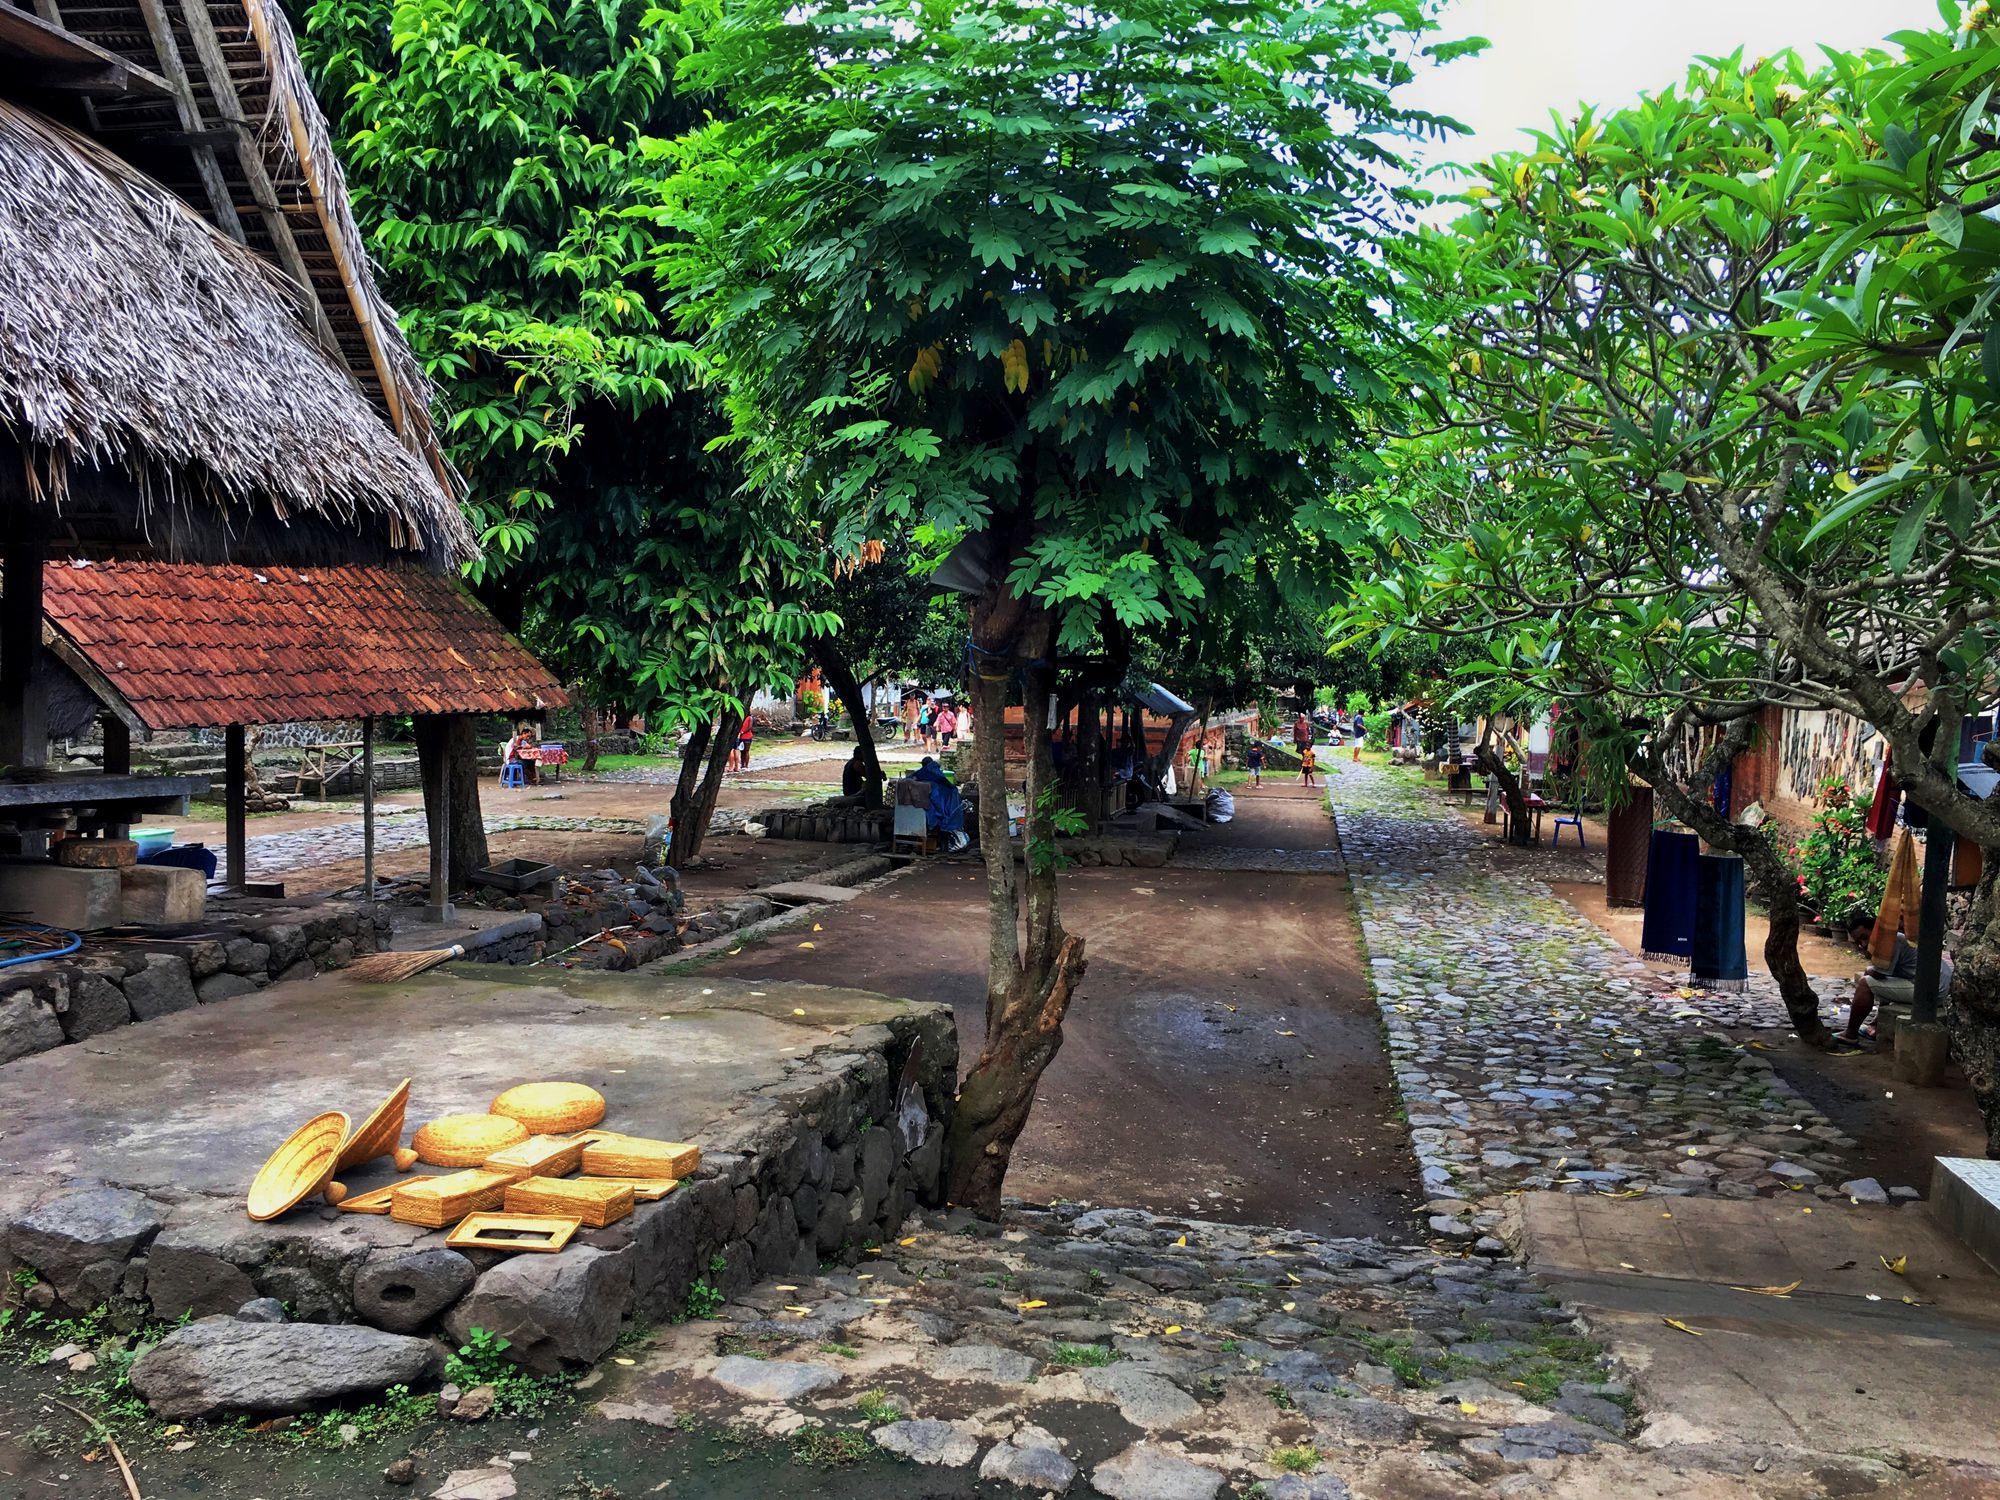 Village scene at Tenganan Pegringsingan, Bali, Indonesia